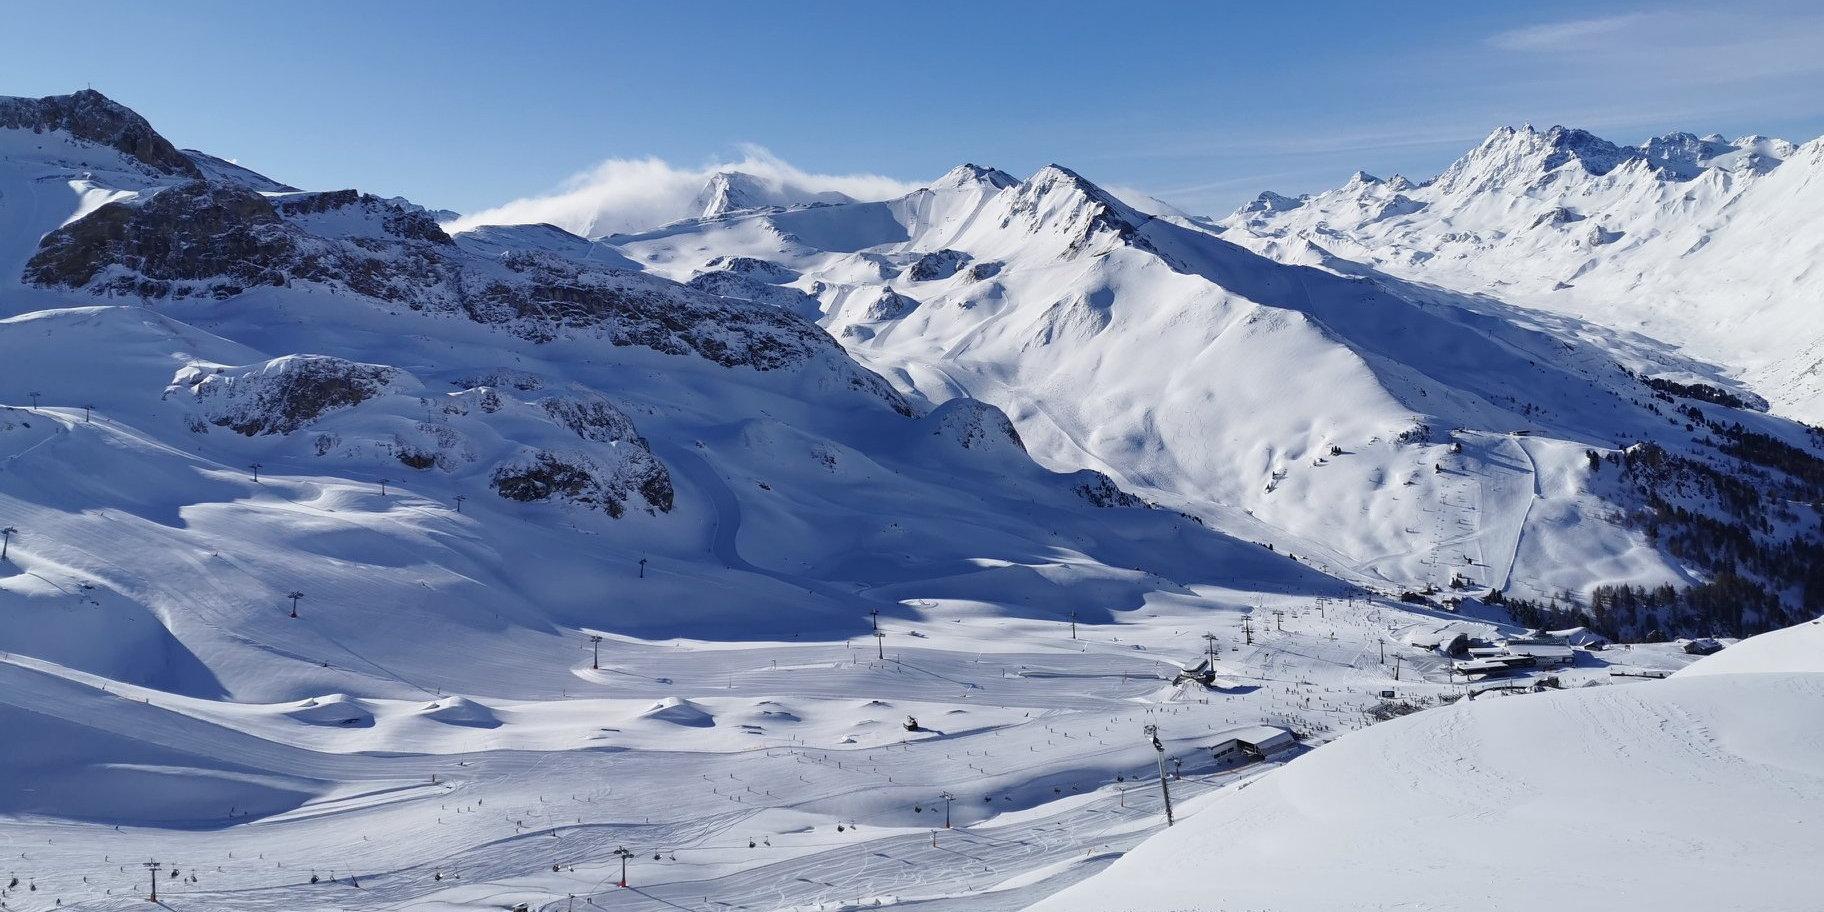 Koronavírus: Tirolban hétfőtől bezárják a síterepeket